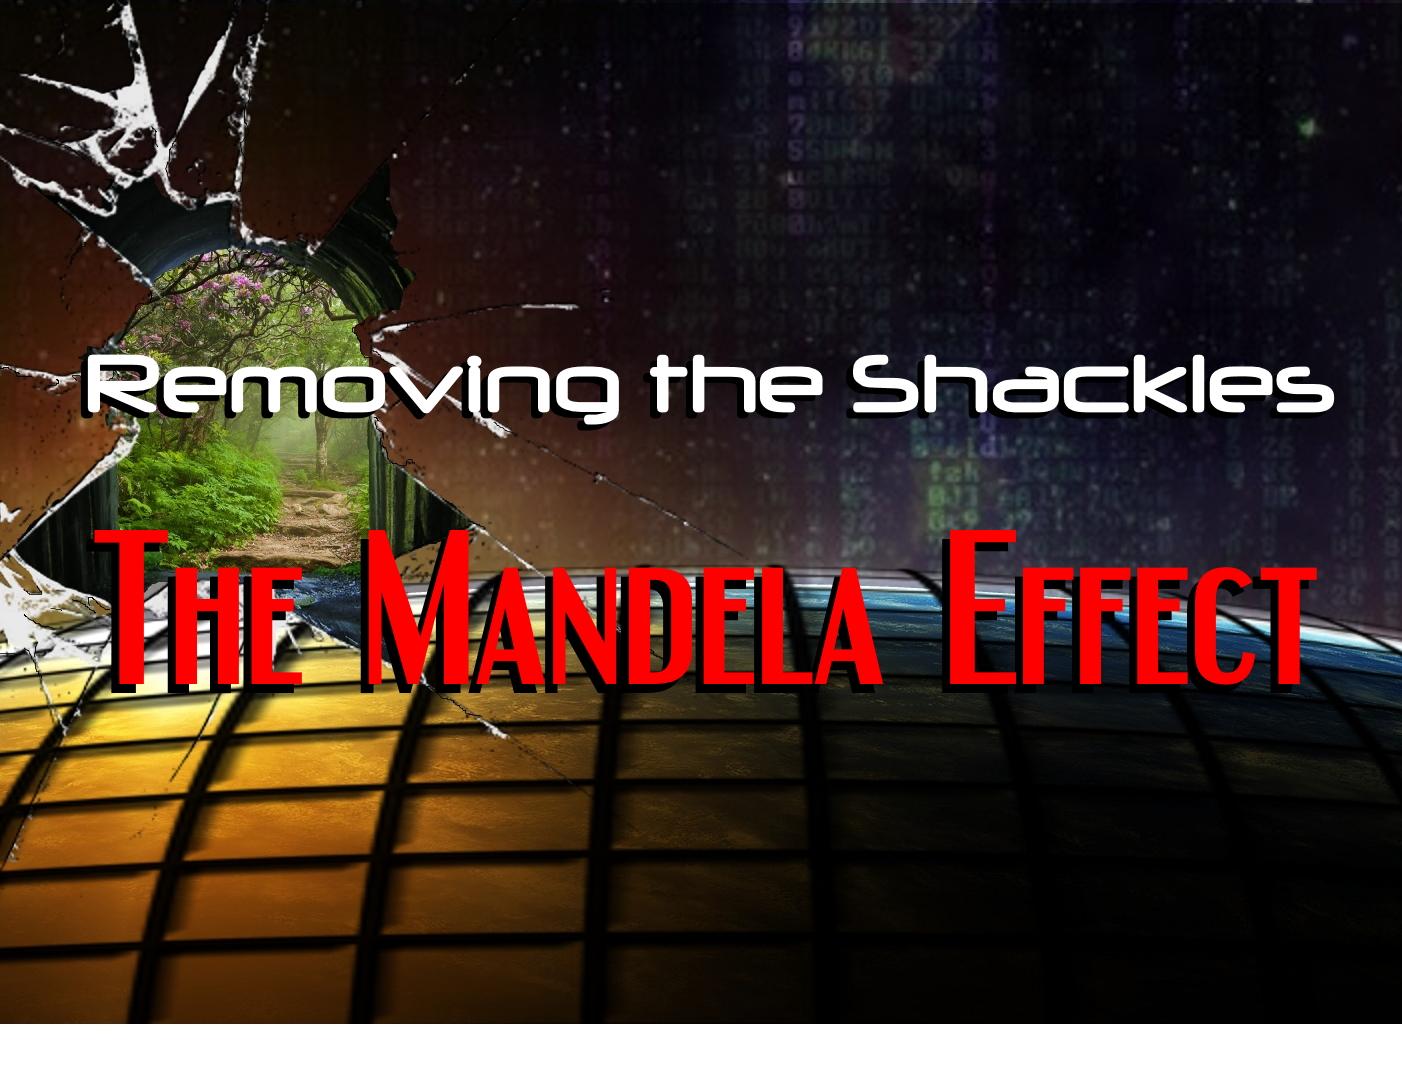 removing the shackles mandela effect